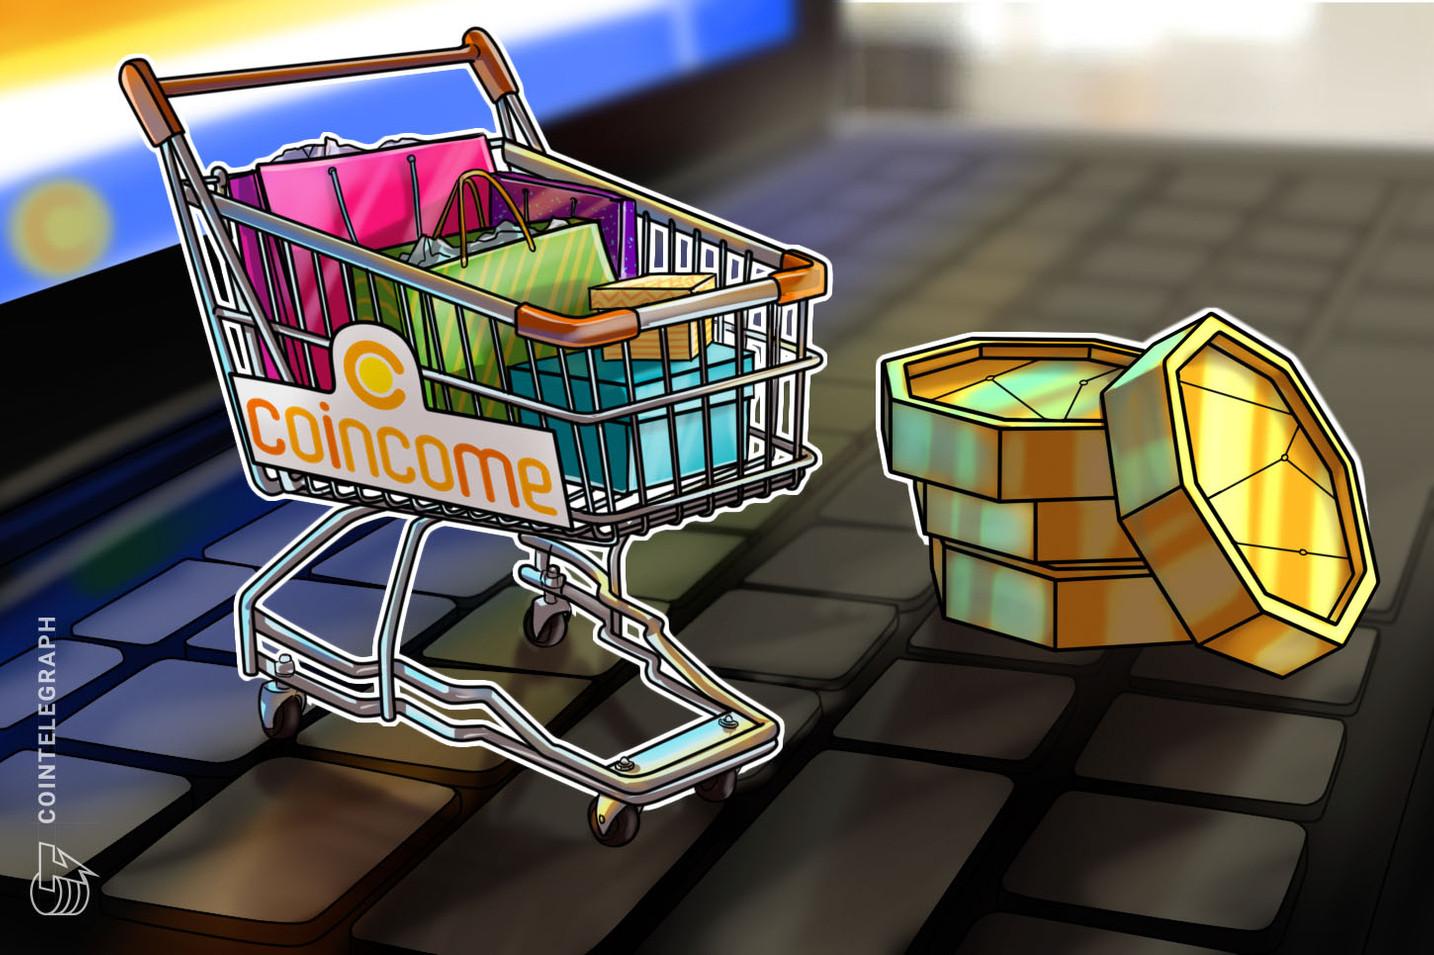 損なく仮想通貨がもらえるCOINCOME(コインカム)の特徴・仕組み・登録方法をわかりやすく徹底解説